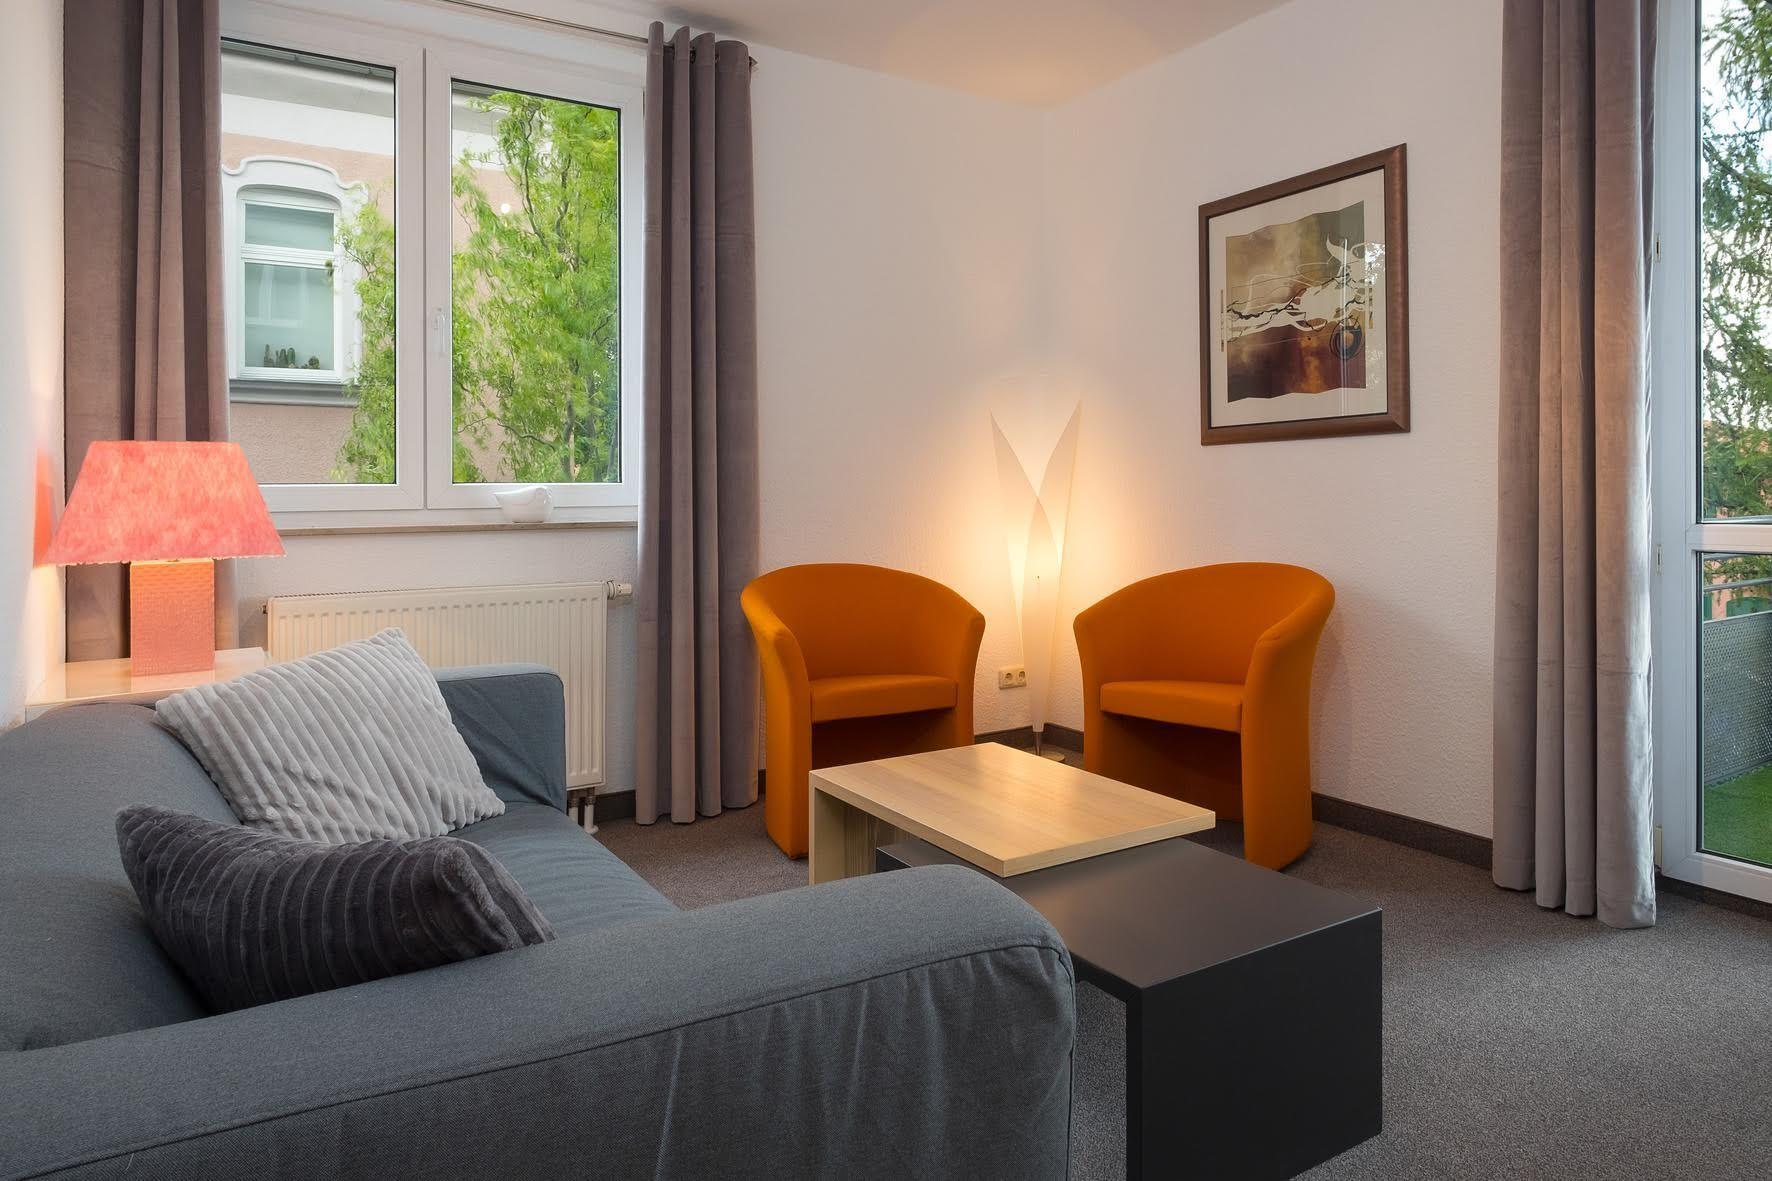 Ferienwohnung für 4 Personen ca. 76 m² i  in Sachsen